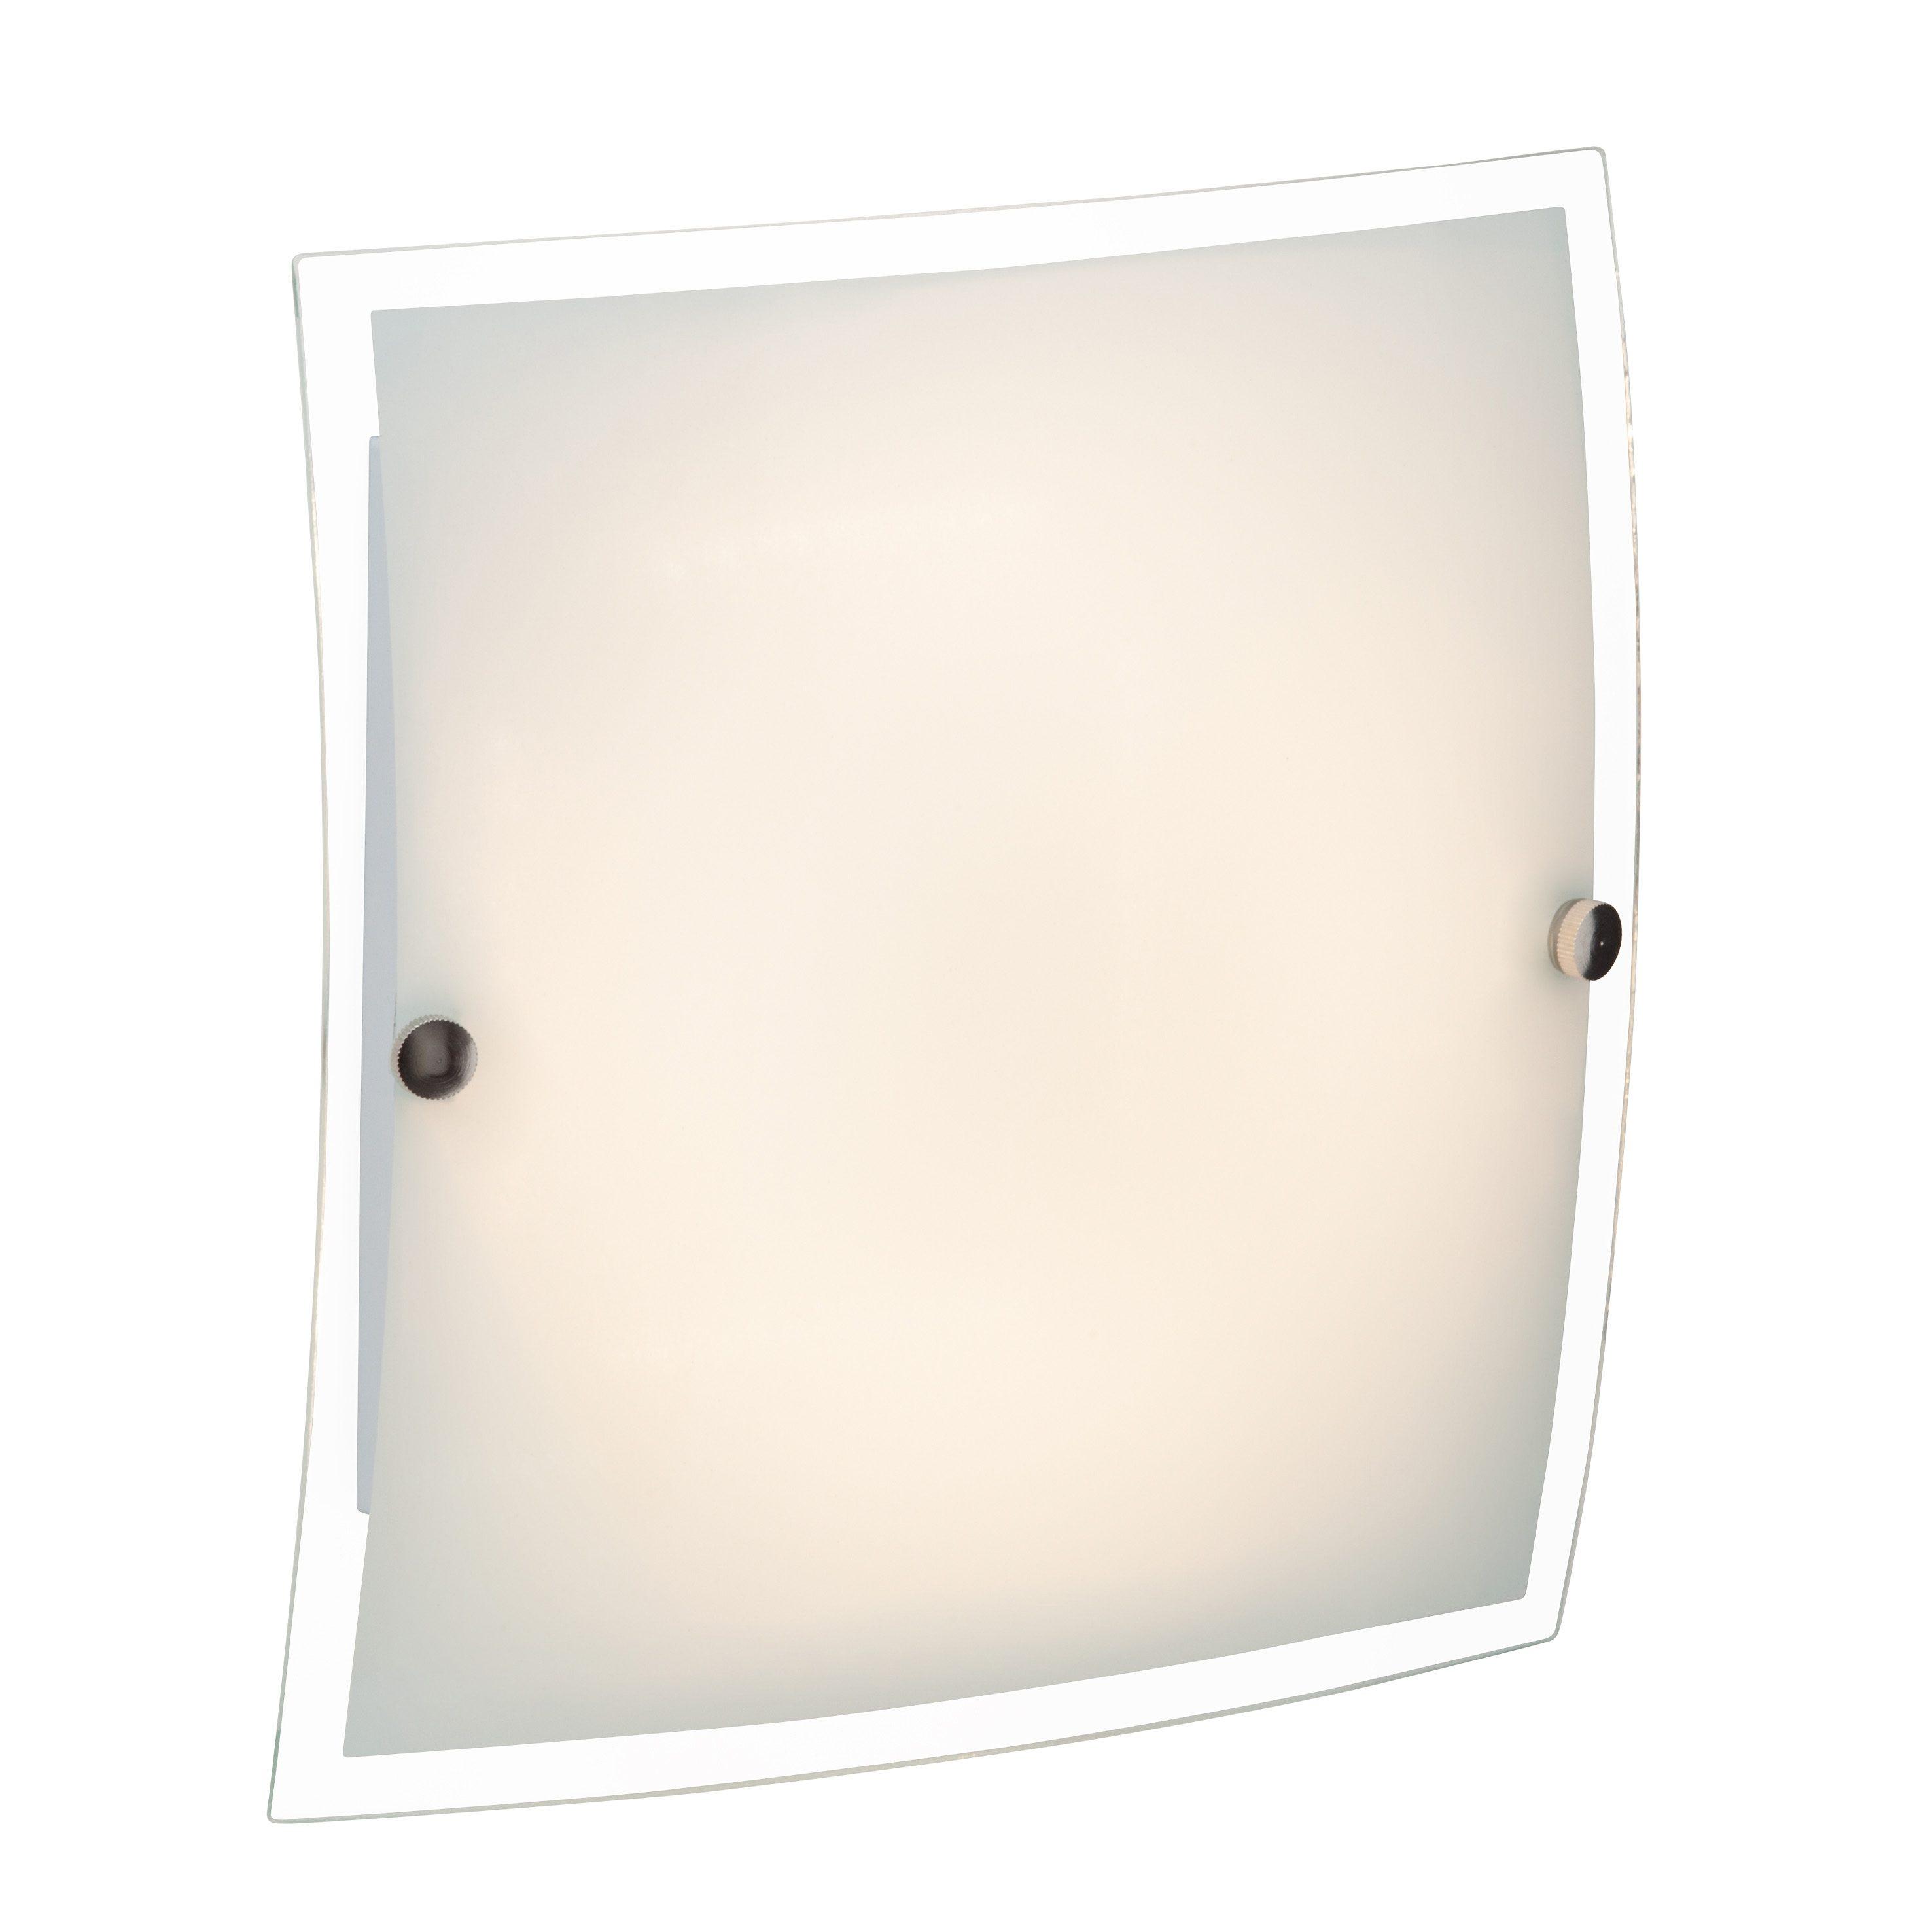 Brilliant Leuchten LED-Wand- und Deckenleuchte, inkl. LED-Leuchtmittel, 1 flammig